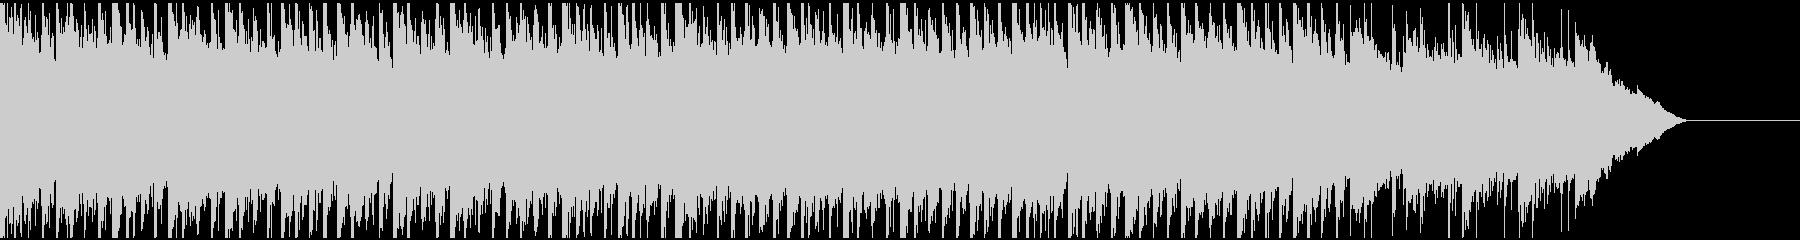 60秒企業VP40,コーポレート,明るいの未再生の波形